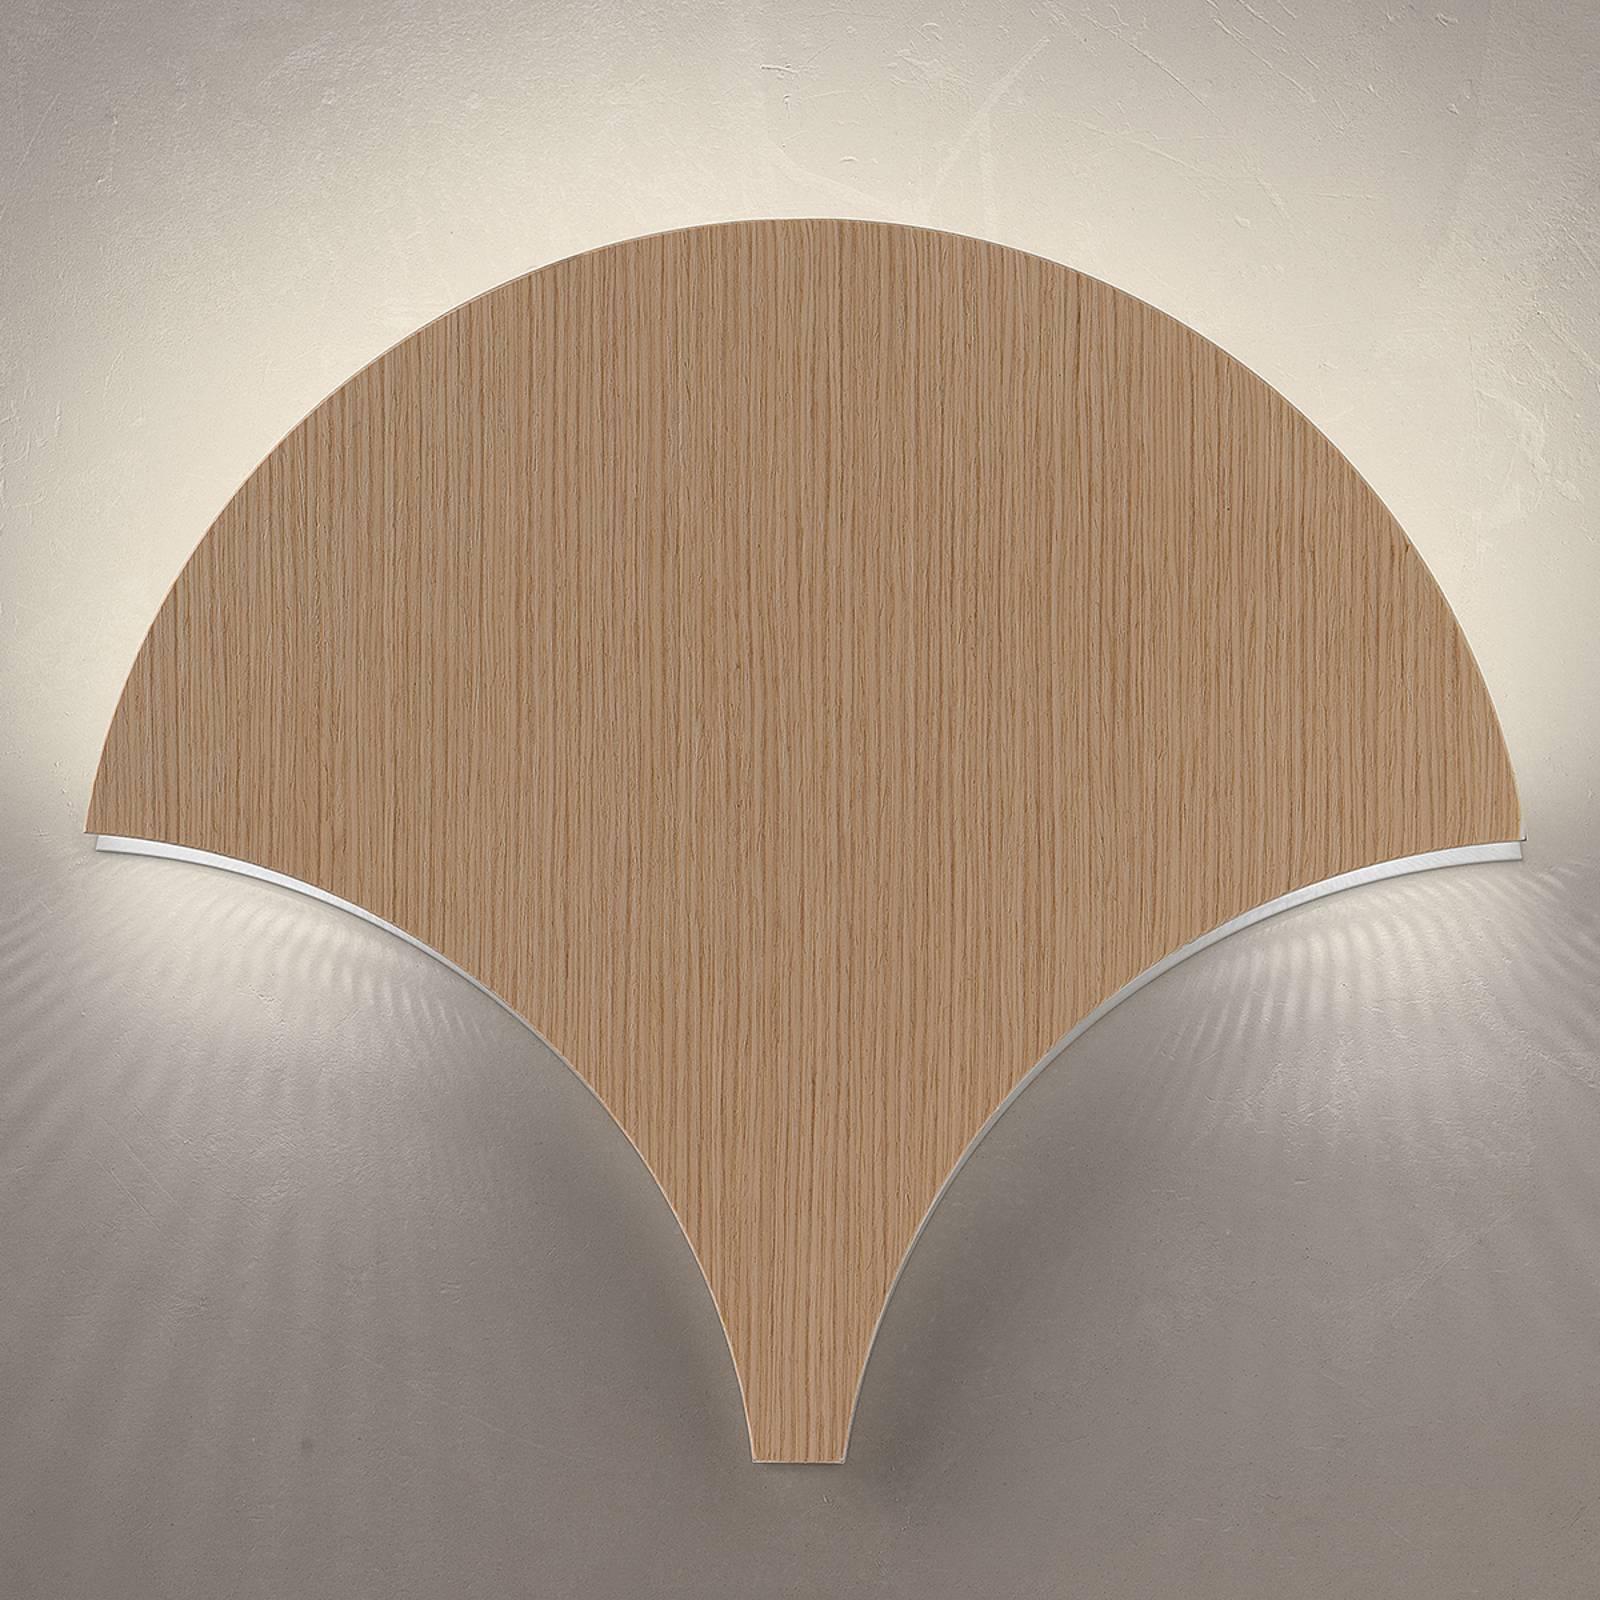 Ainutlaatuinen LED-seinävalaisin Palm vaalea tammi